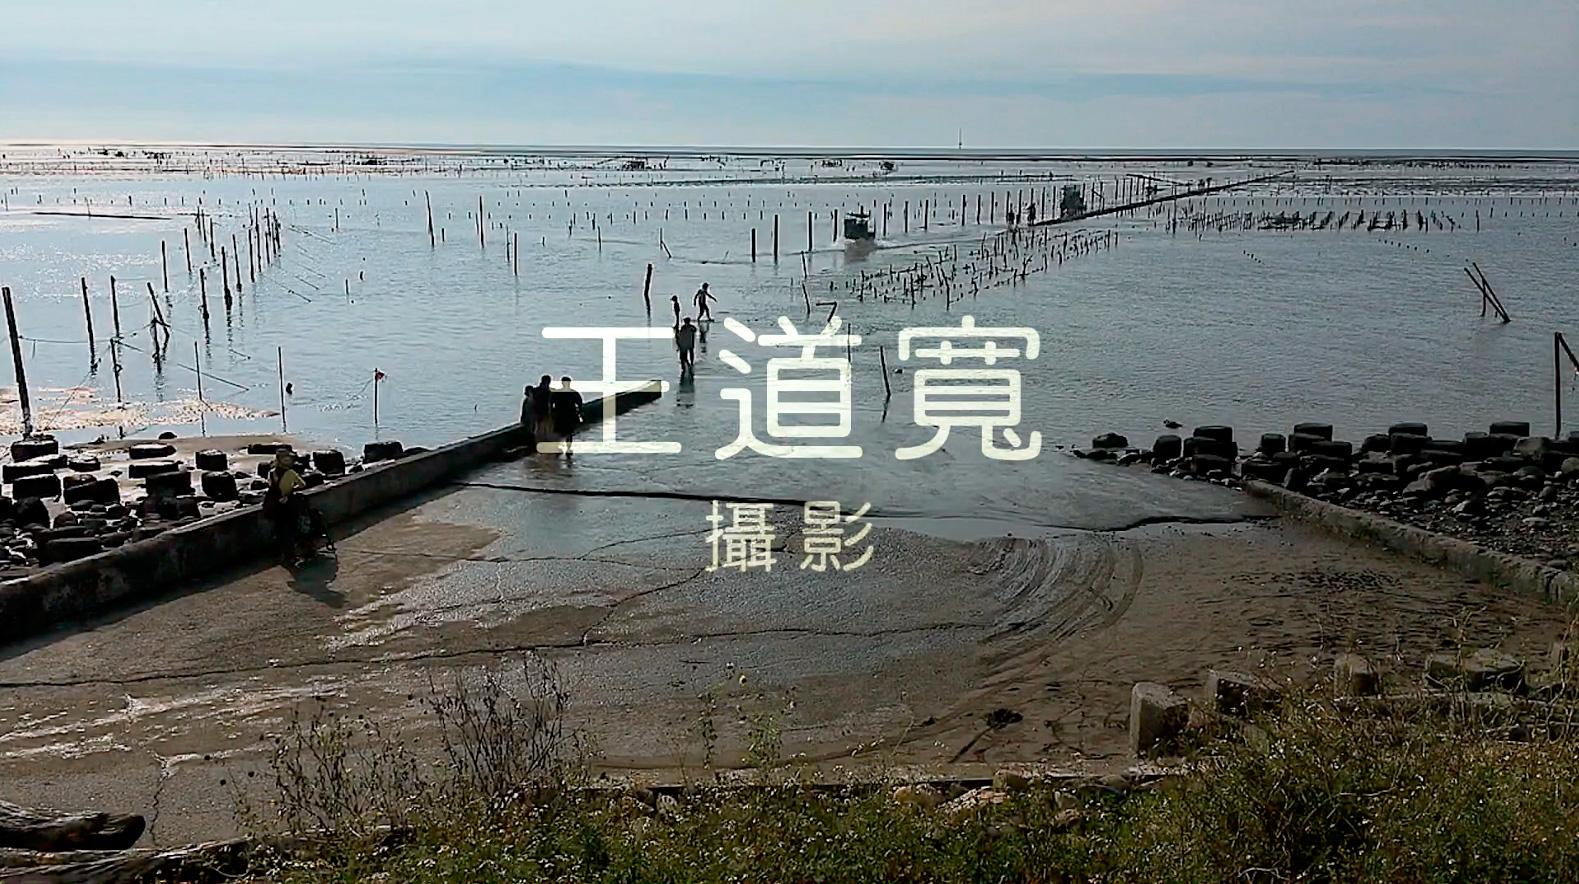 彰化王功海洋生態縮時攝影影片